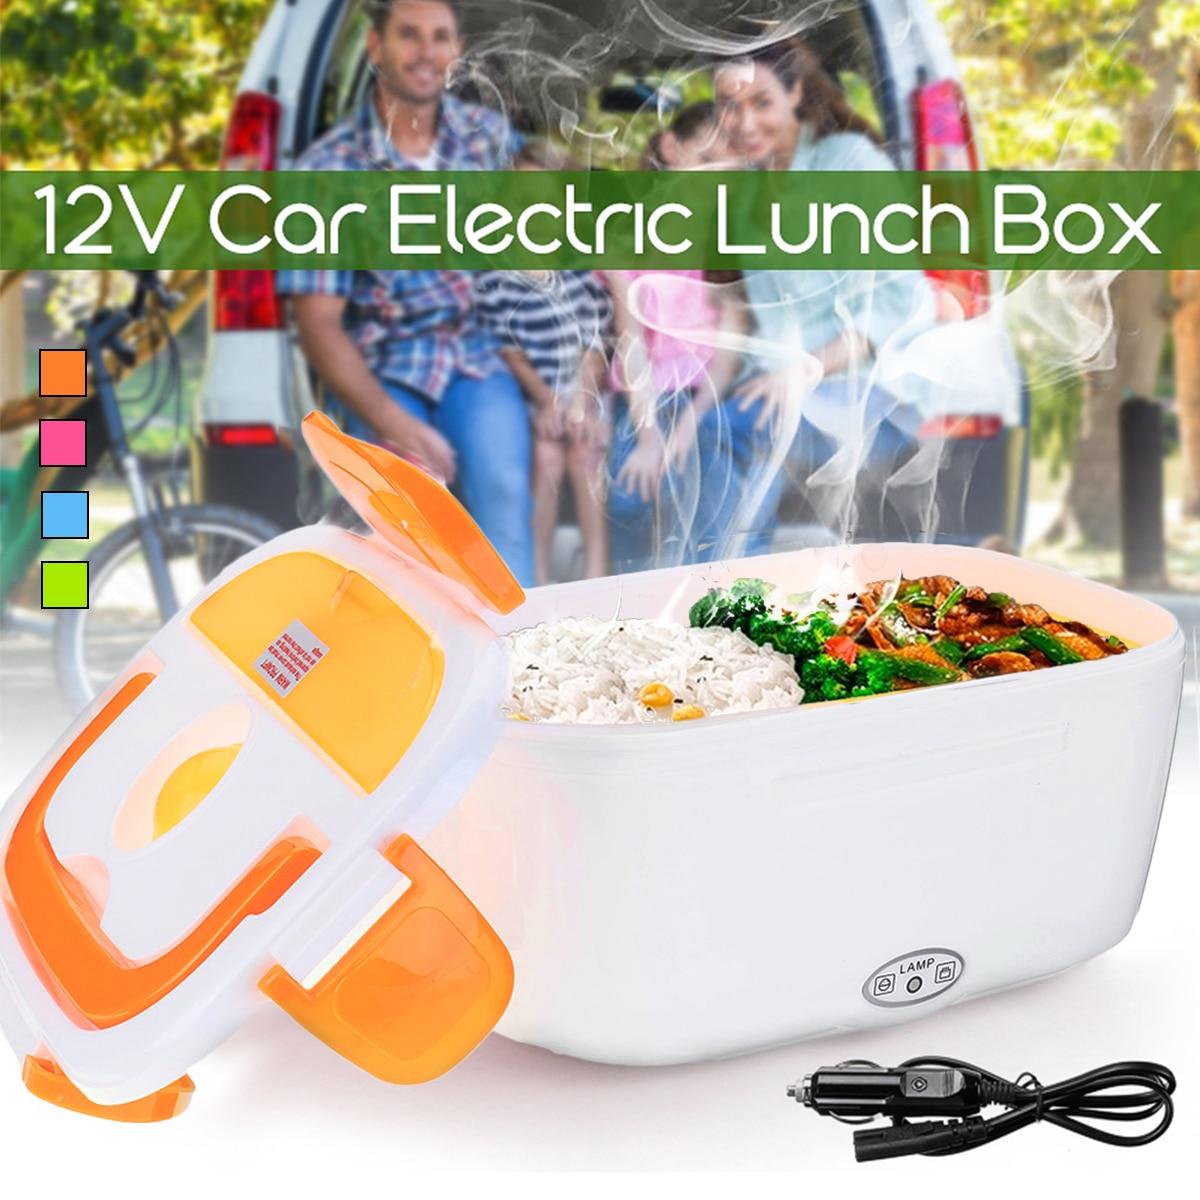 12 v 1.05L Portatile Auto Elettrica Riscaldata Scatola di Pranzo di Conservazione Degli Alimenti Bento Box Warmer Alimentare Contenitore per i Viaggi di Scuola Ufficio regalo a casa